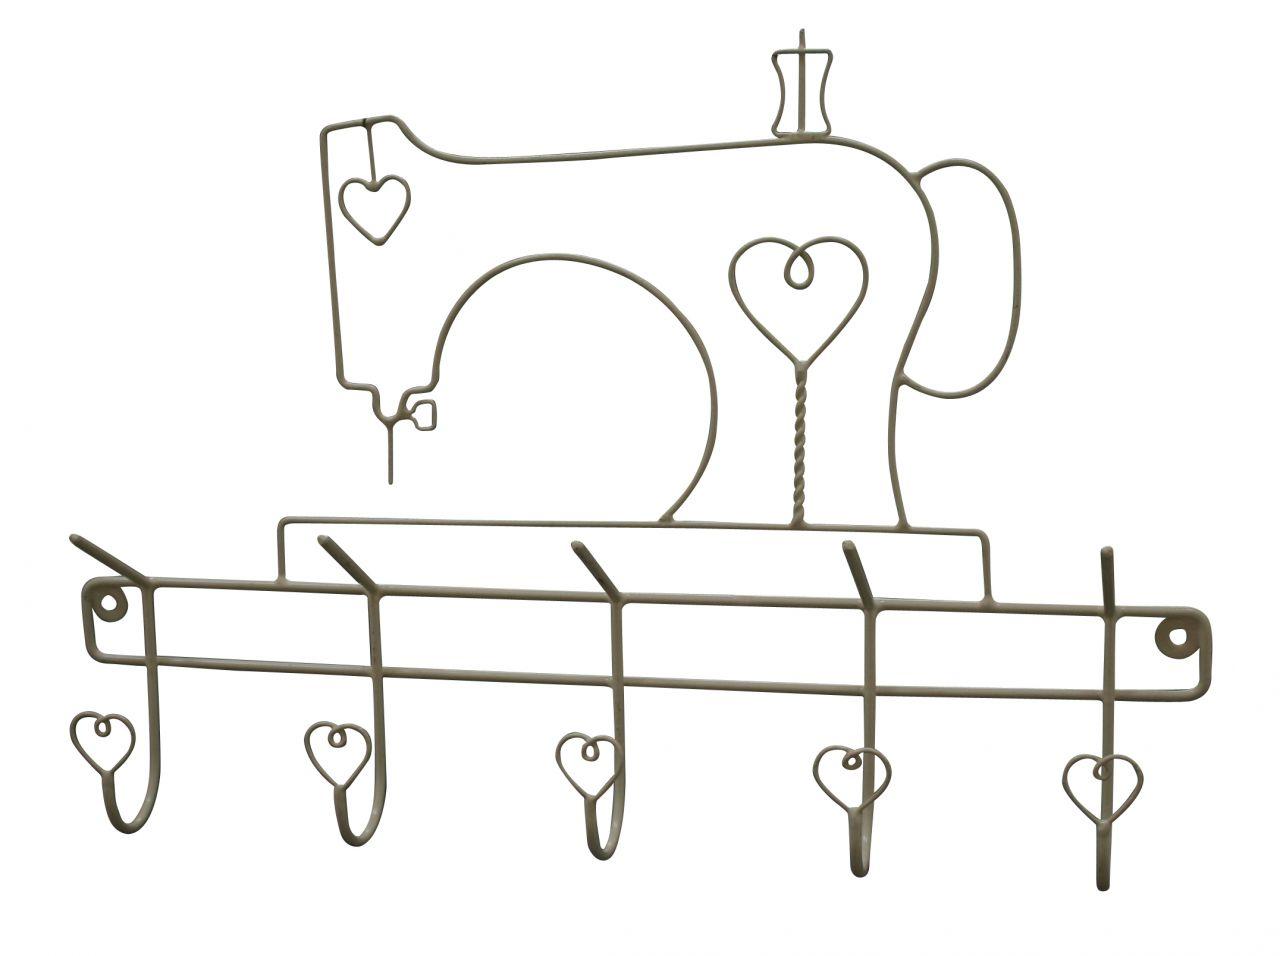 Krasilnikoff Věšák Šicí stroj - krémový, béžová barva, kov